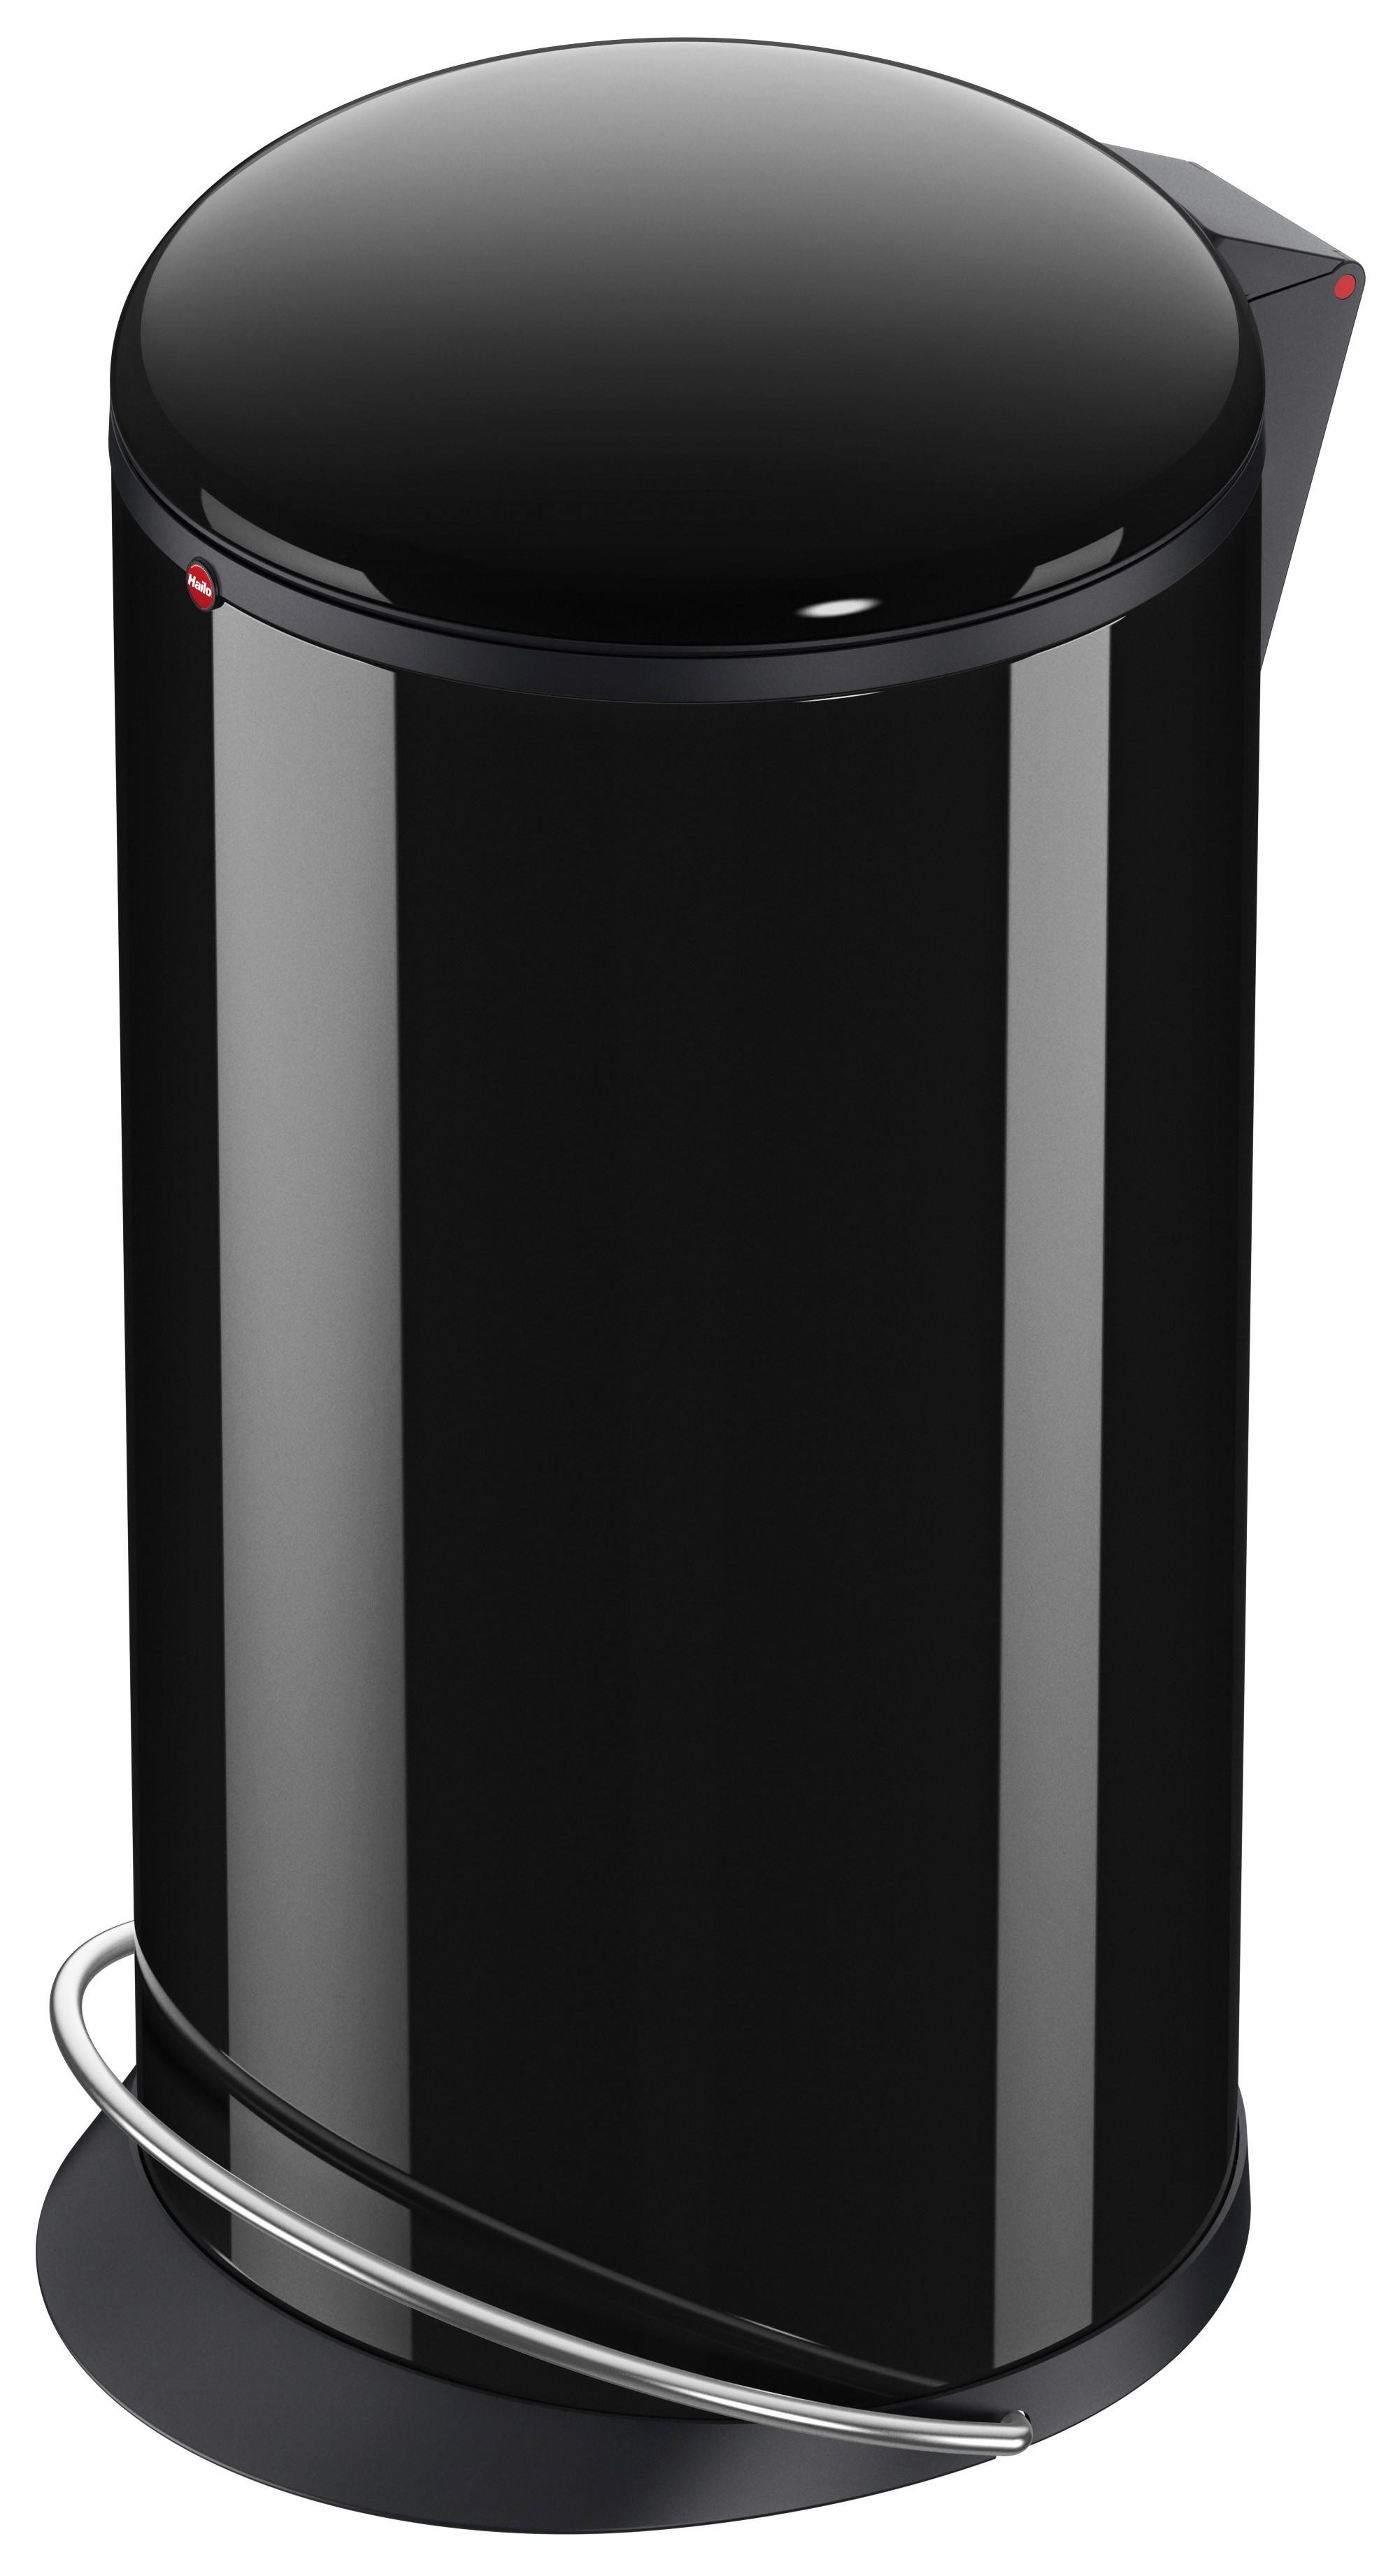 Hailo Harmony L, schwarz, 20 Liter, Inneneimer: Kunststoff, schwarz, Tret-Abfallsammler